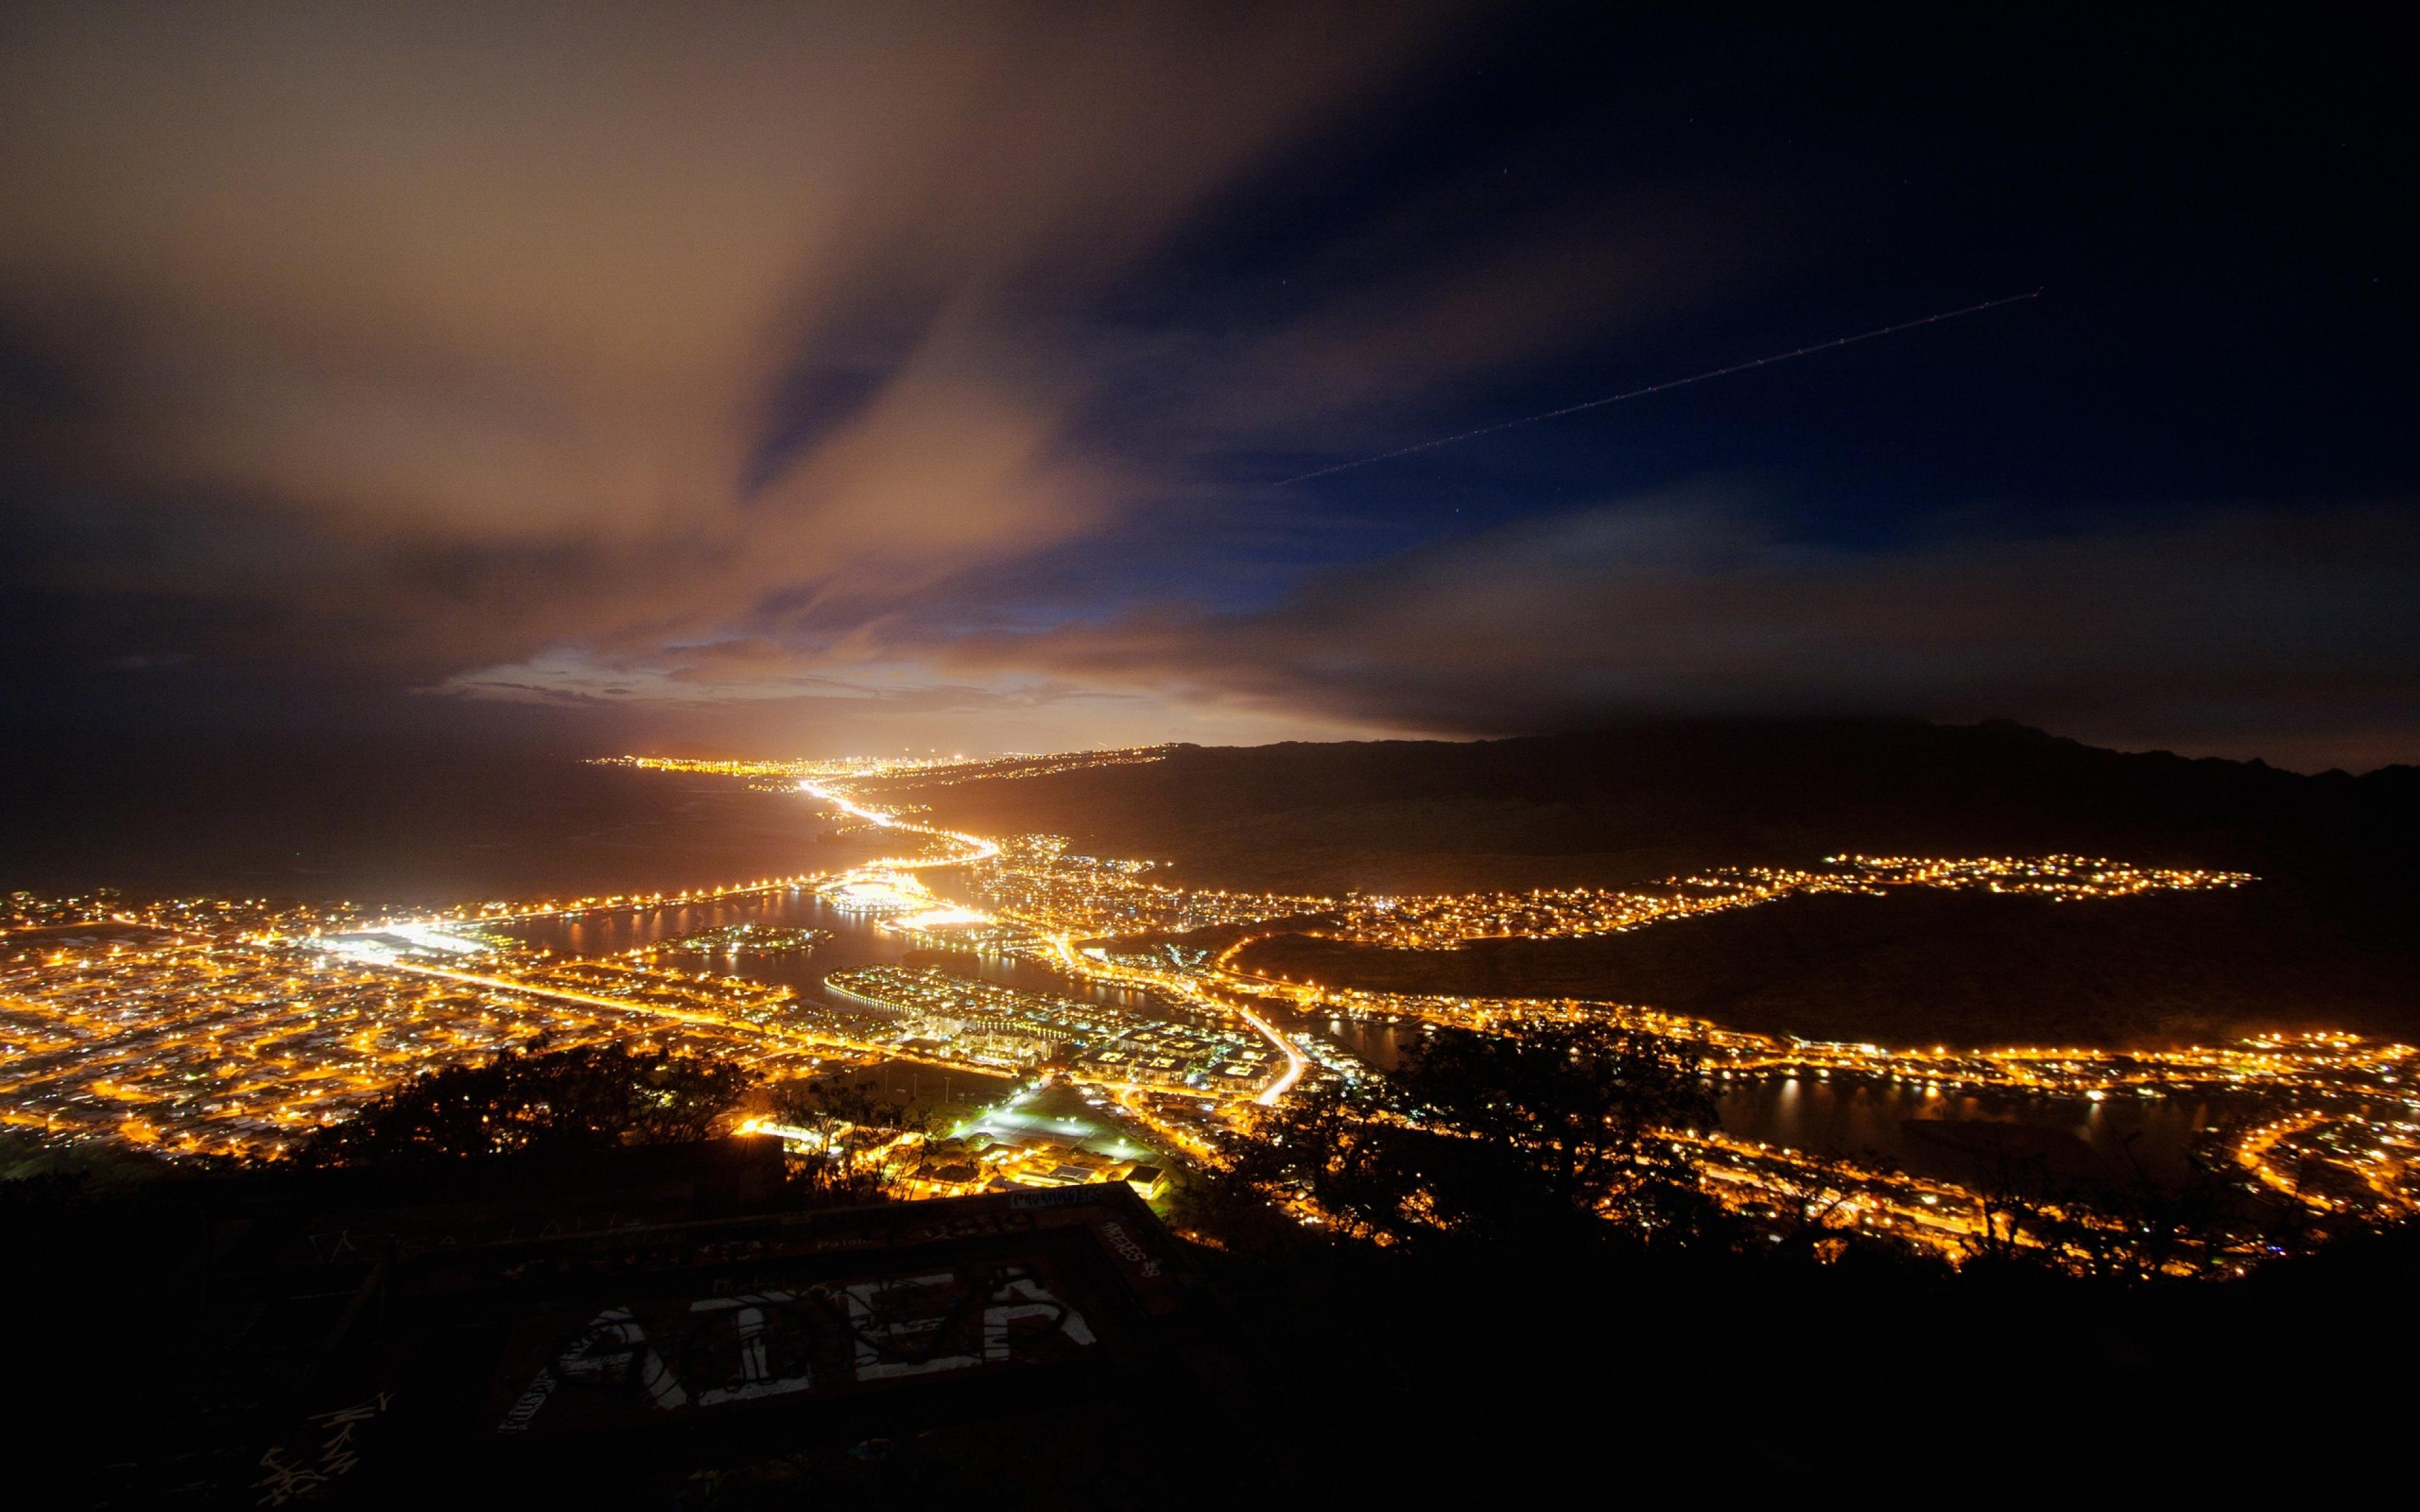 4k night sky wallpaper wallpapersafari - Night light city wallpaper ...